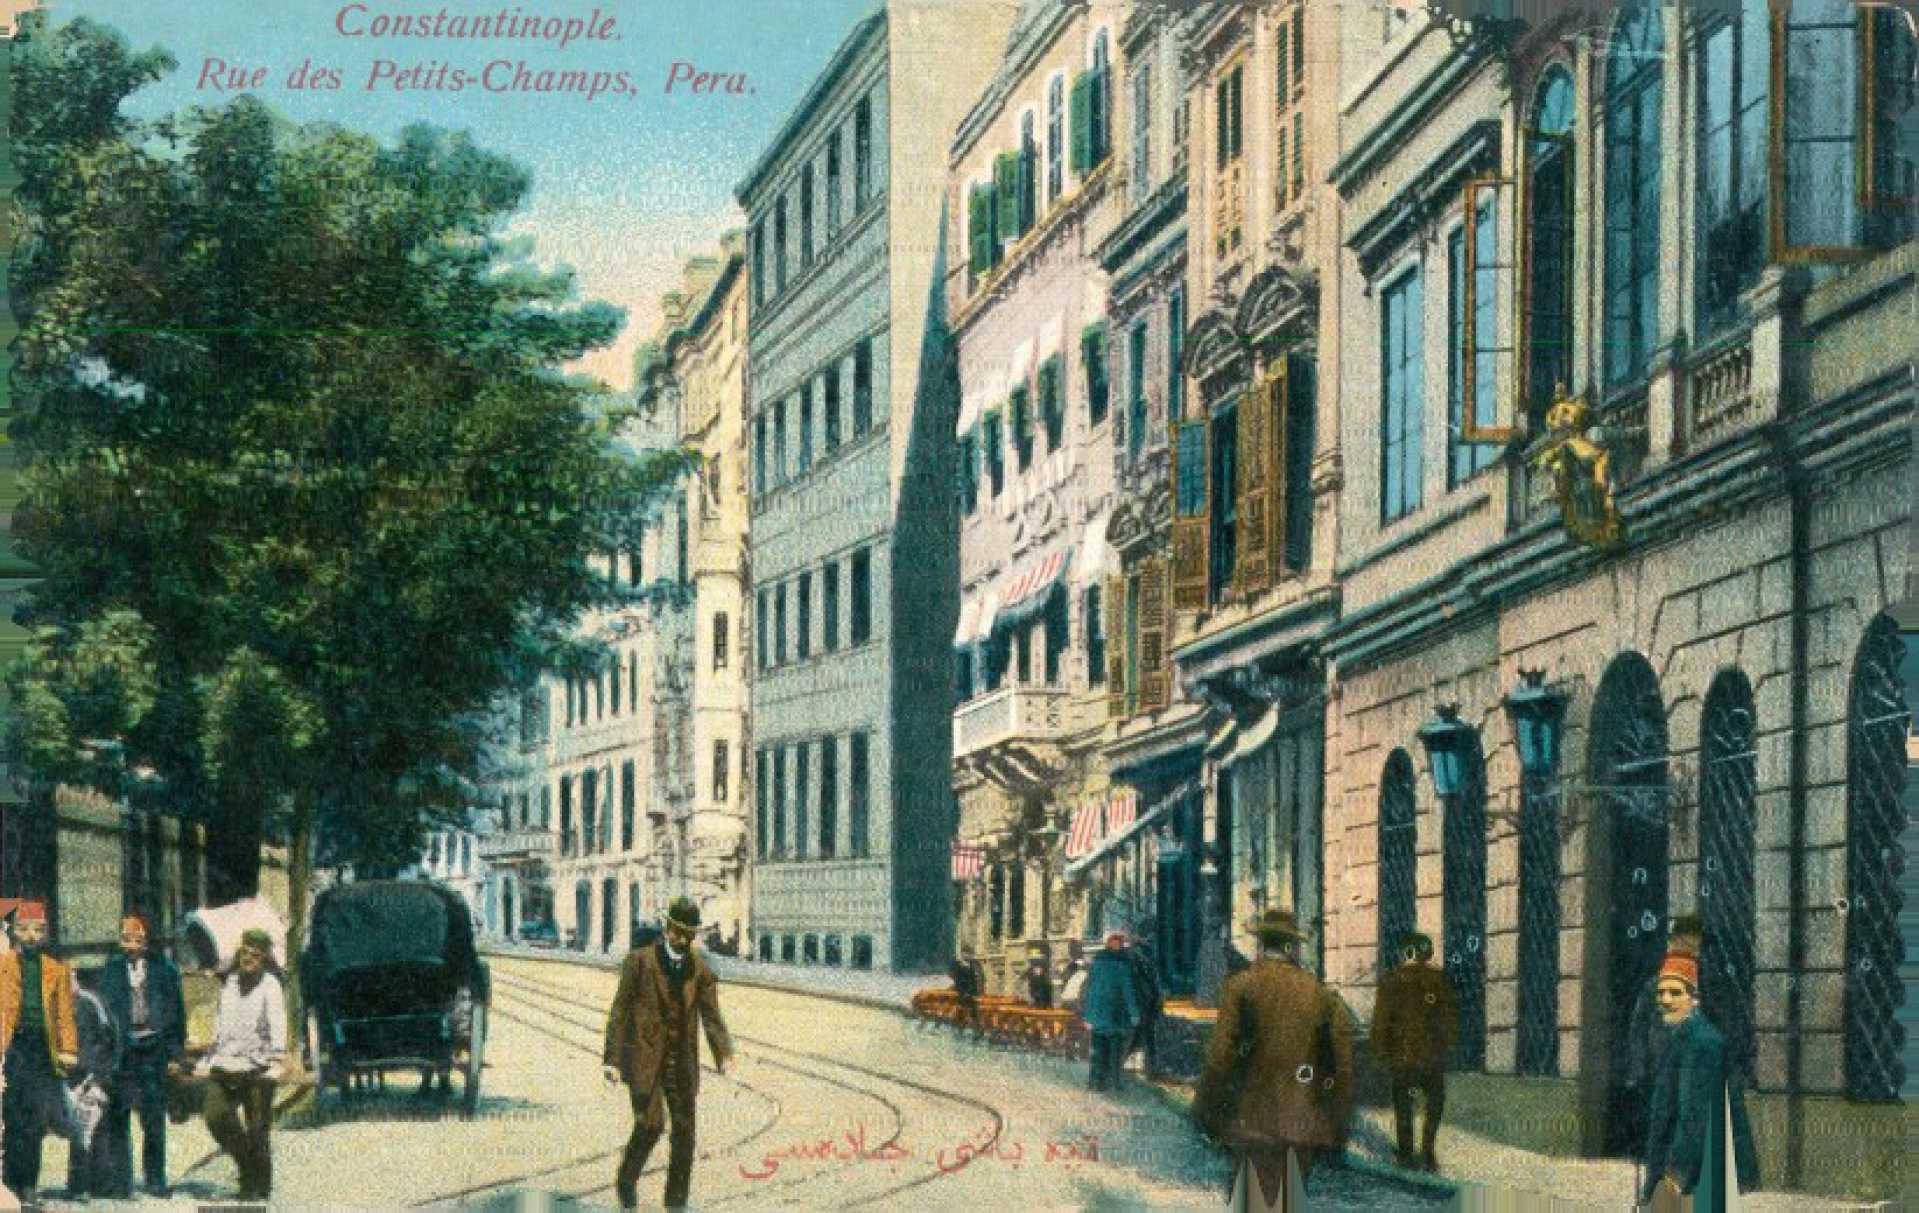 Rue des Petits-Champs. Pera